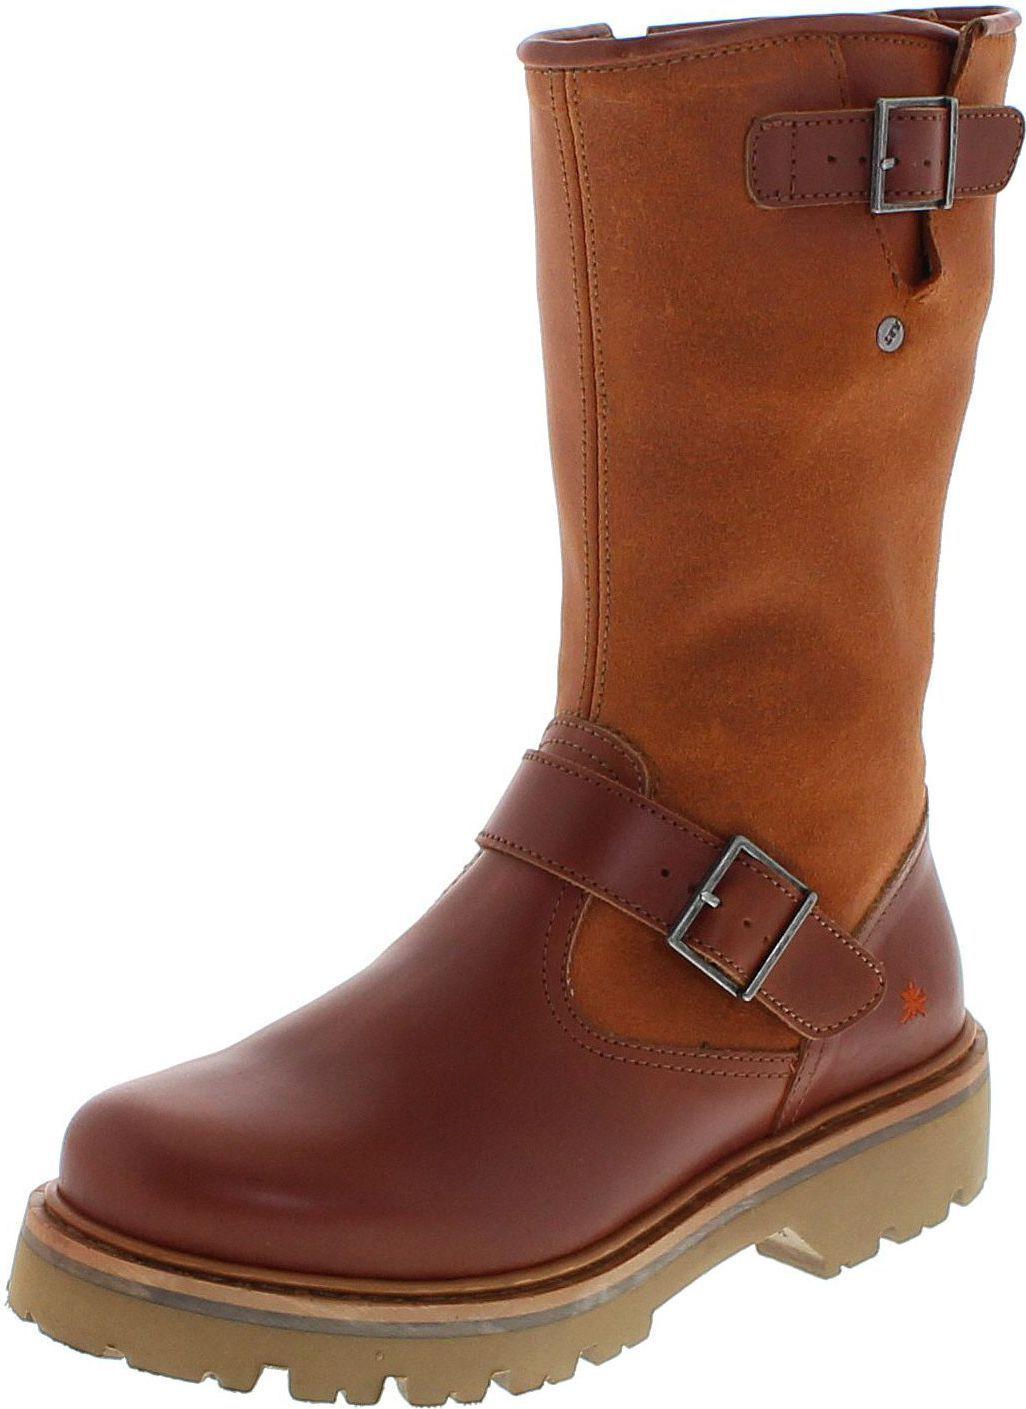 Tipo marina 1189 Heritage-Wax cuero/señora botas marrón/Zapatos señora/señora Boots